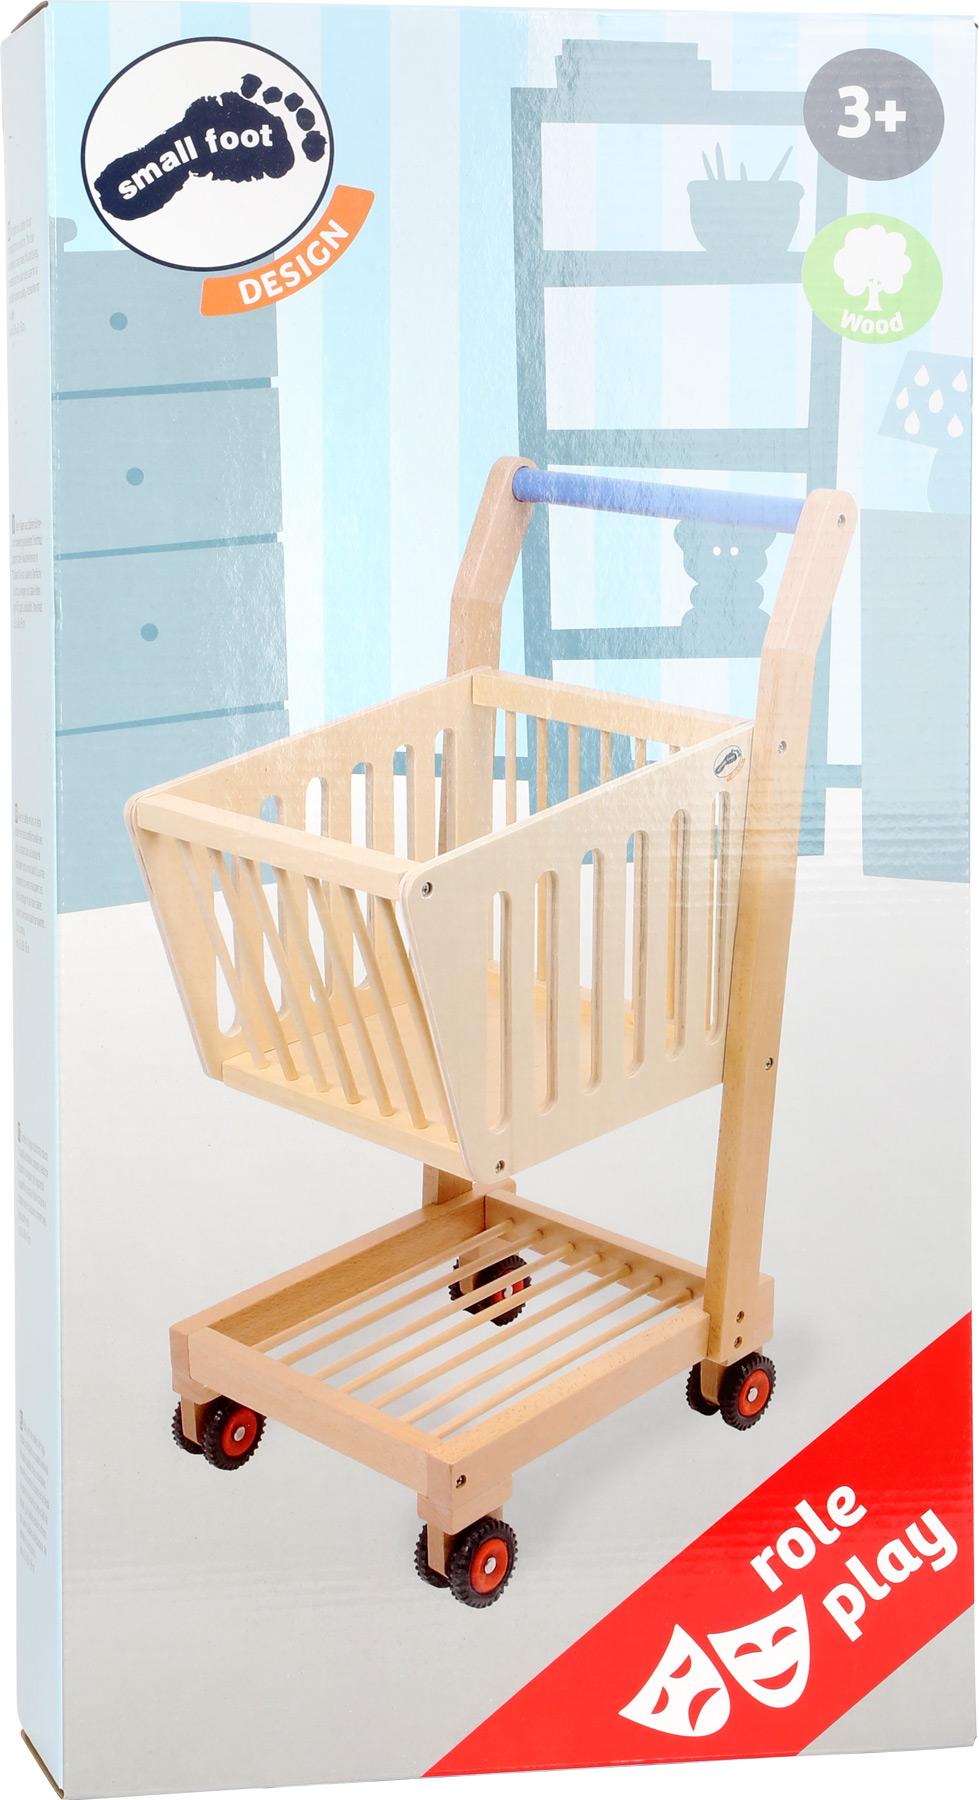 Small Foot Dětský dřevěný nákupní vozík